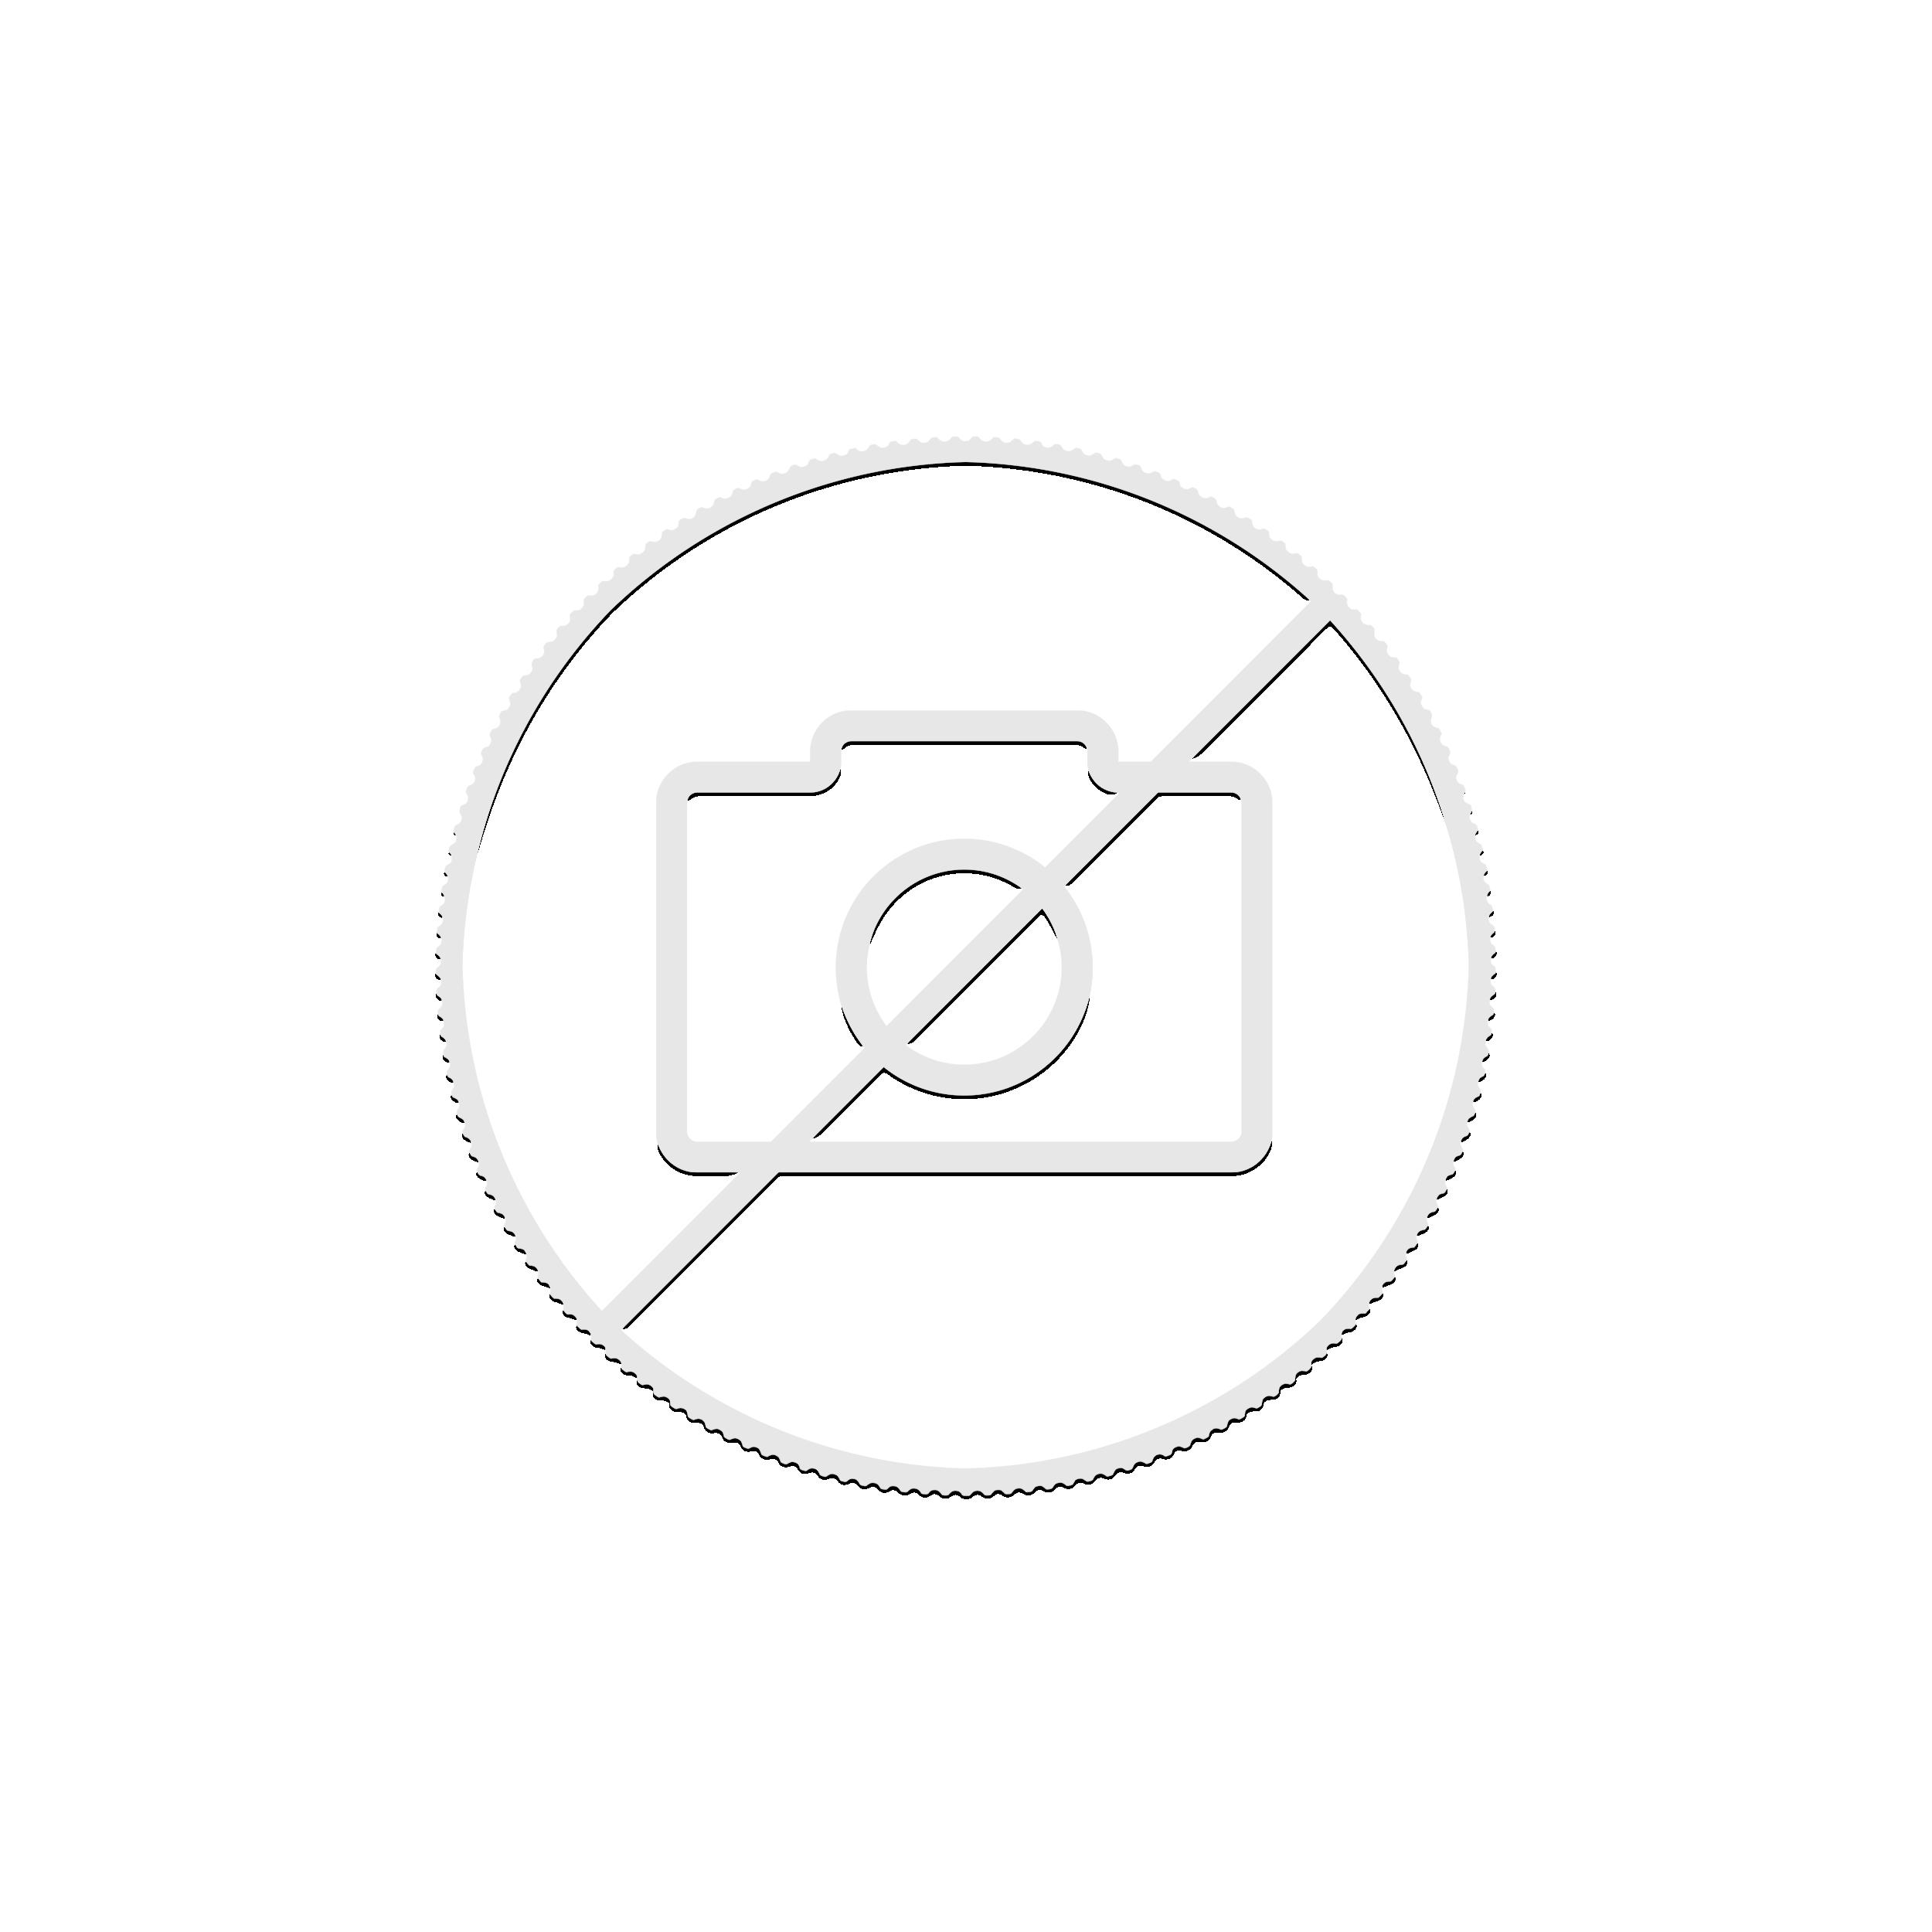 10 Troy ounce zilver Lunar munt 2017 - jaar van de haan